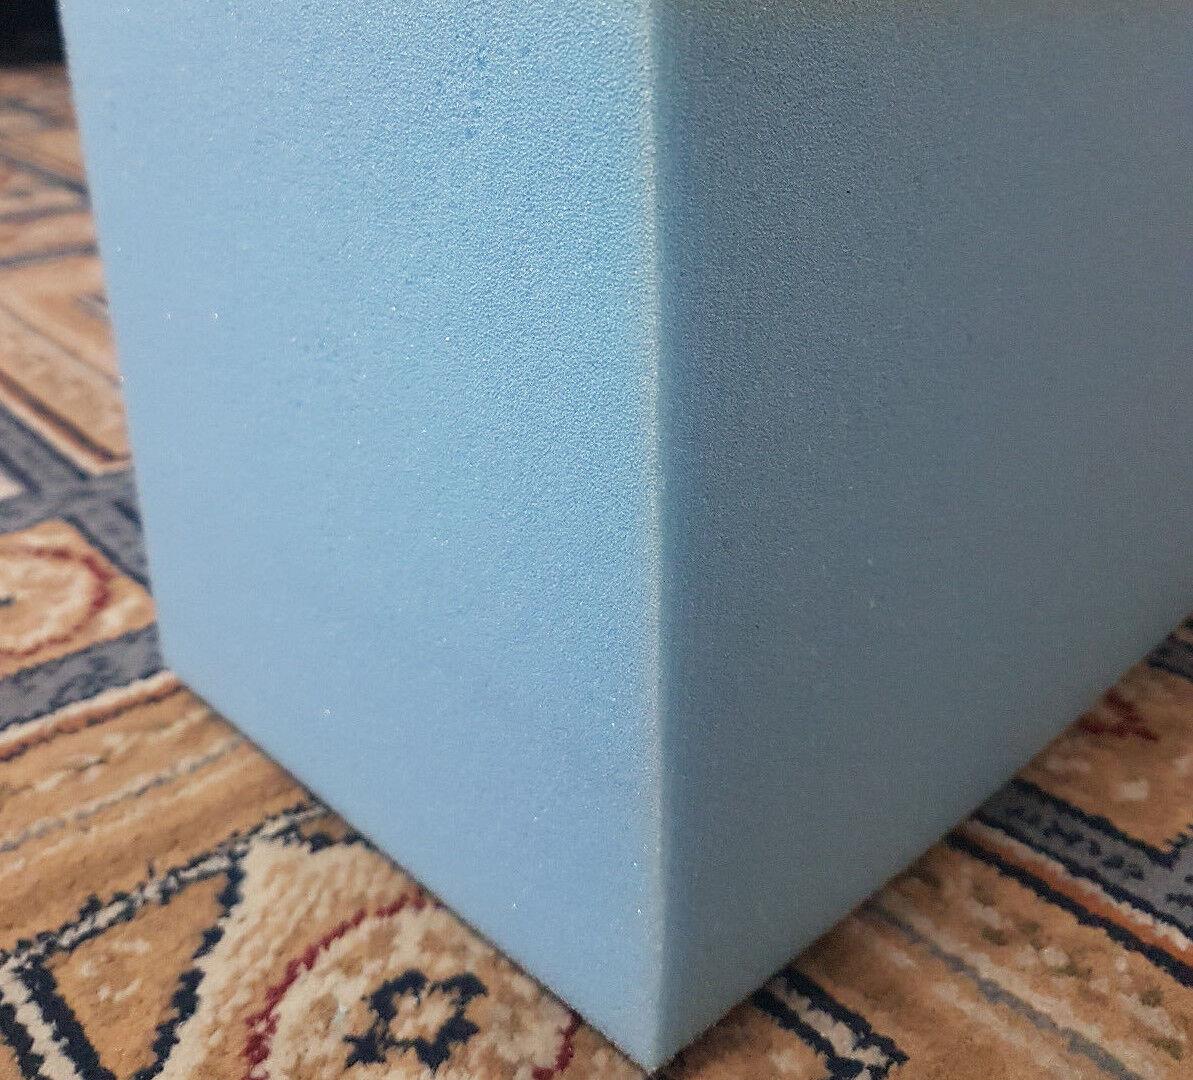 REFLEX-Haute Densité Ferme Rembourrage Ferme Densité Mousse-feuilles-Cut-to - toute taille-douce - & - dur-mousse 479526